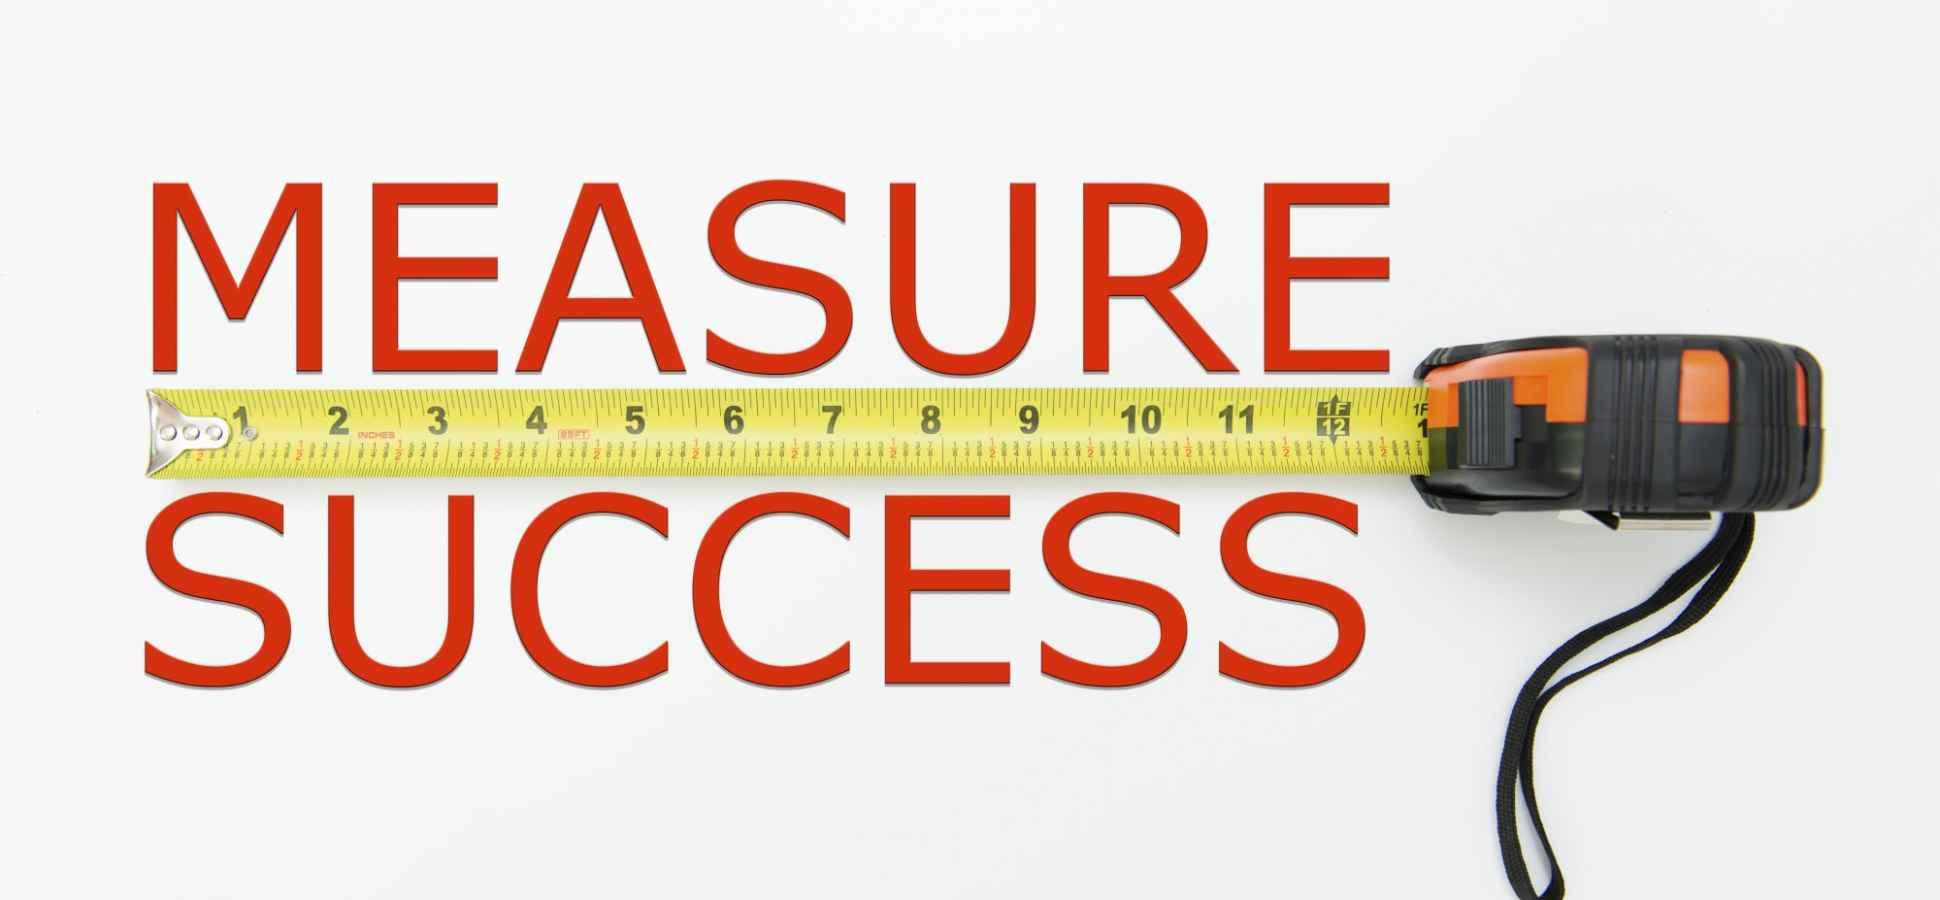 معیارهای کمی کسب و کار یا Businness metrics